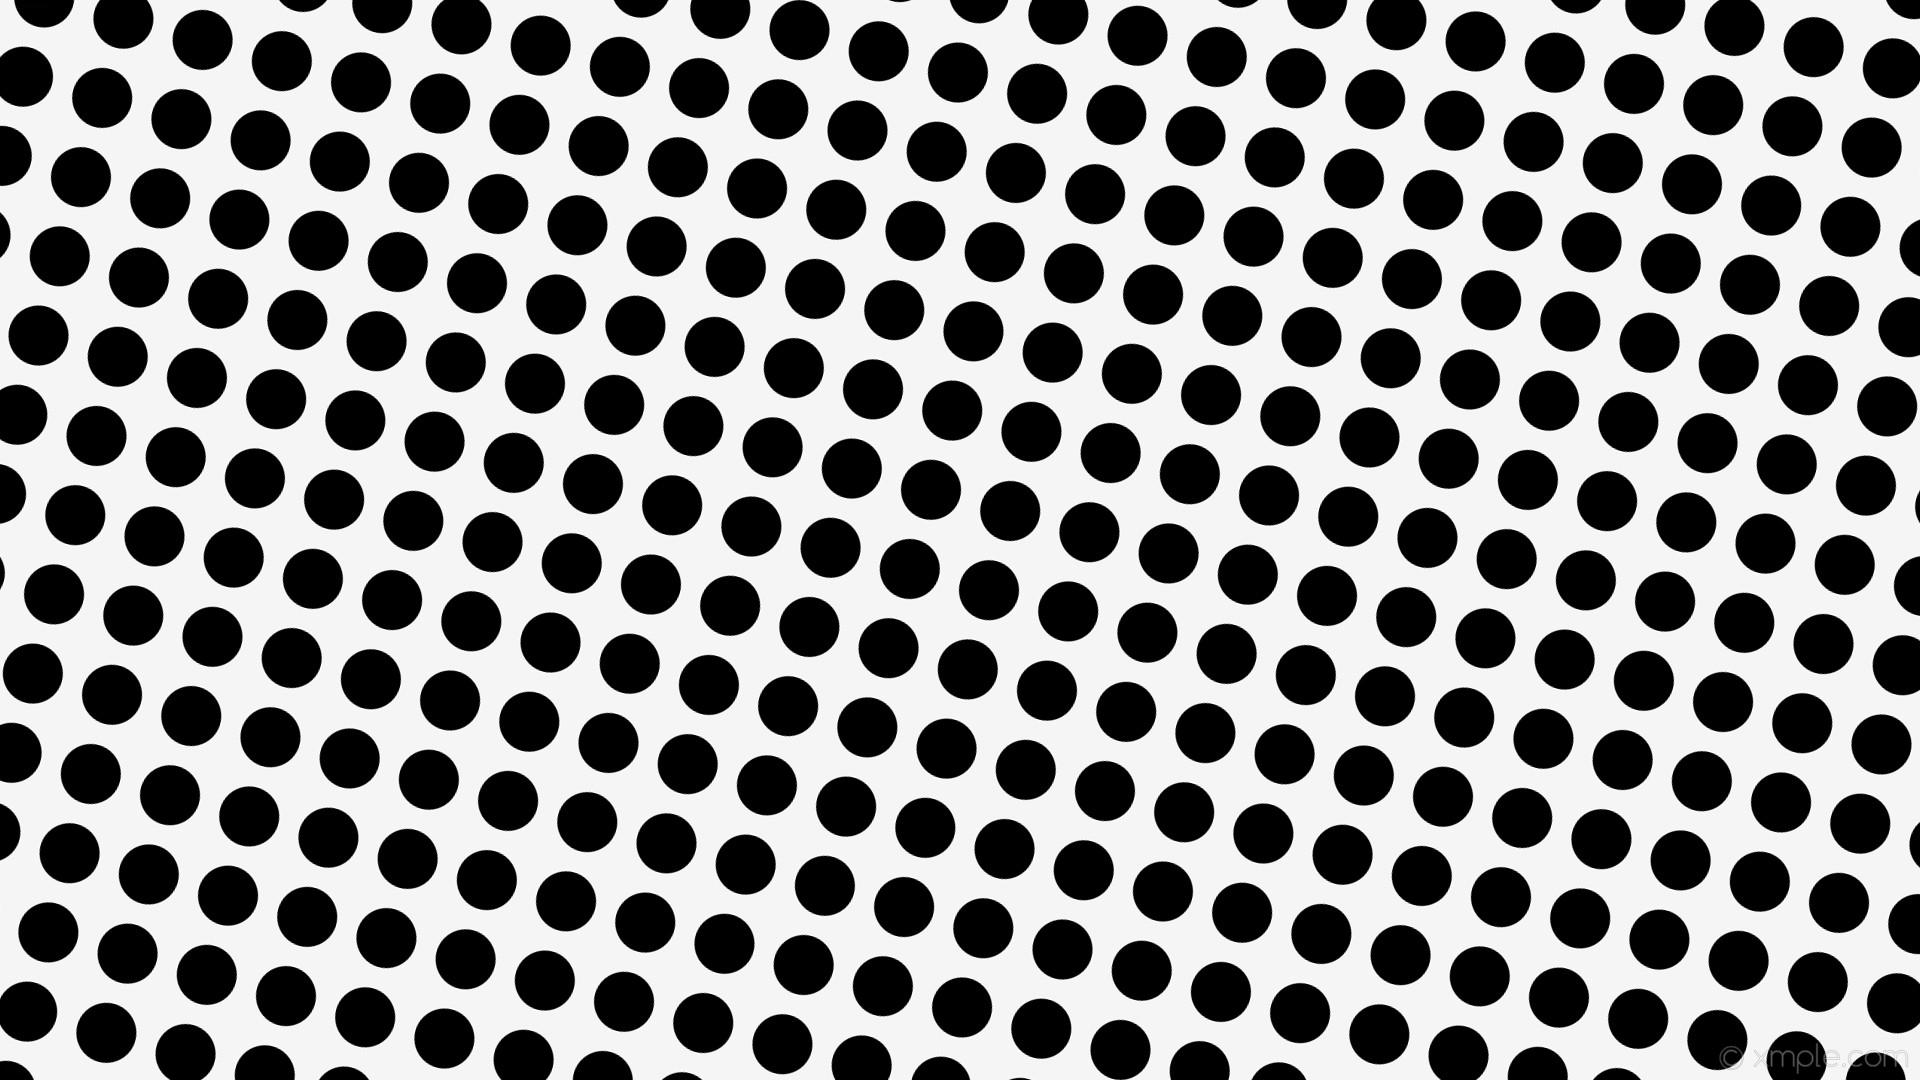 wallpaper polka white dots spots black white smoke #f5f5f5 #000000 255°  60px 82px